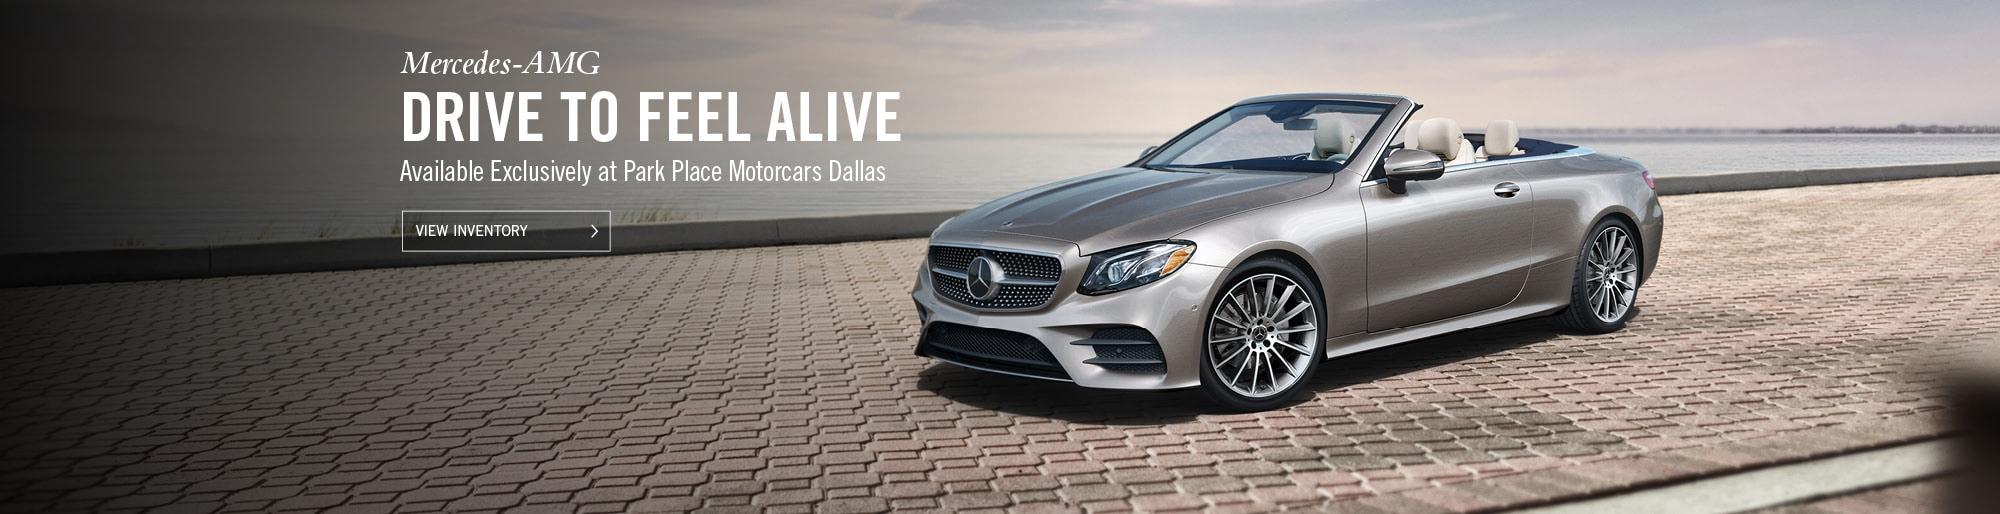 Mercedes-Benz Dealership | Dallas | Park Place